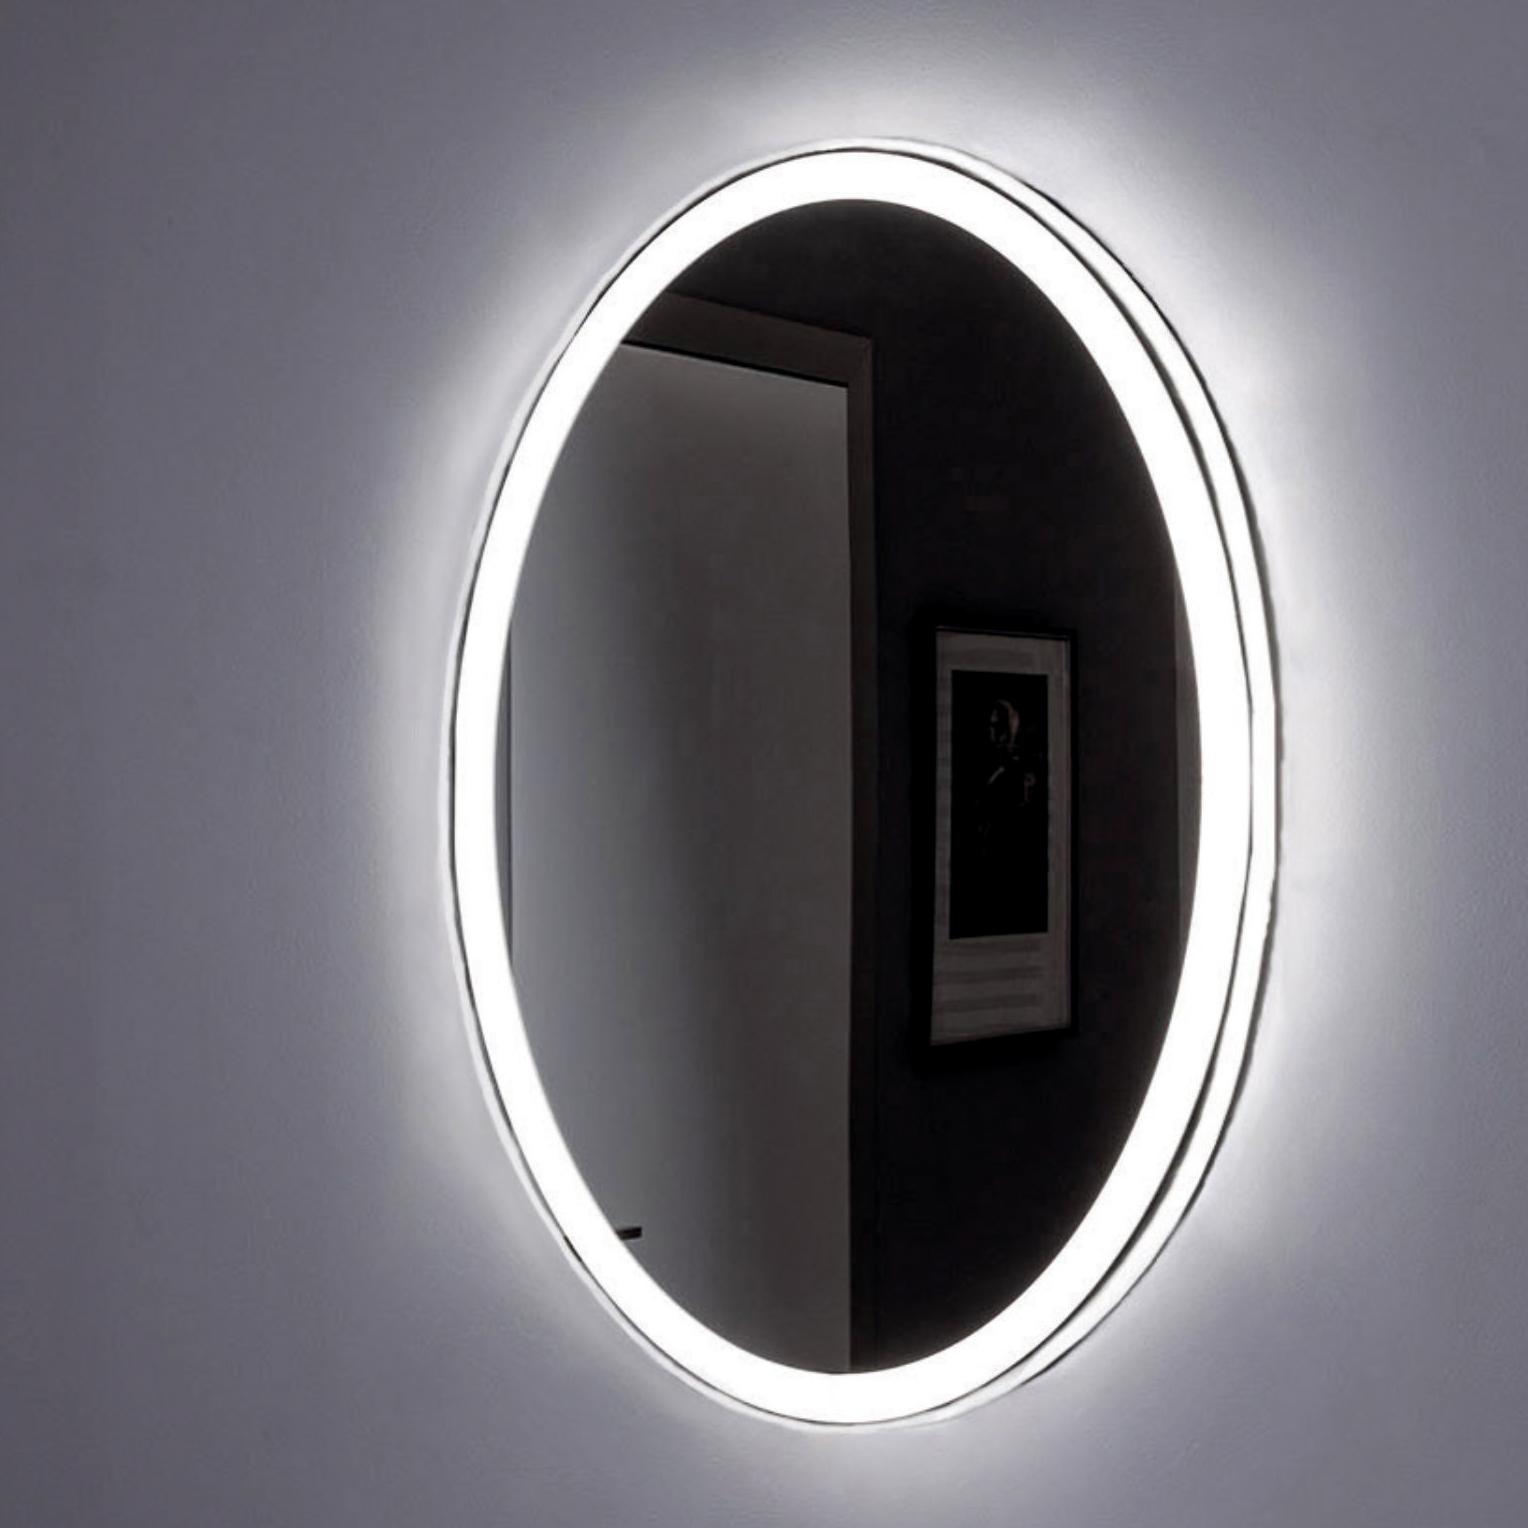 Зеркало Aquanet Комо 7085 с LED подсветкой